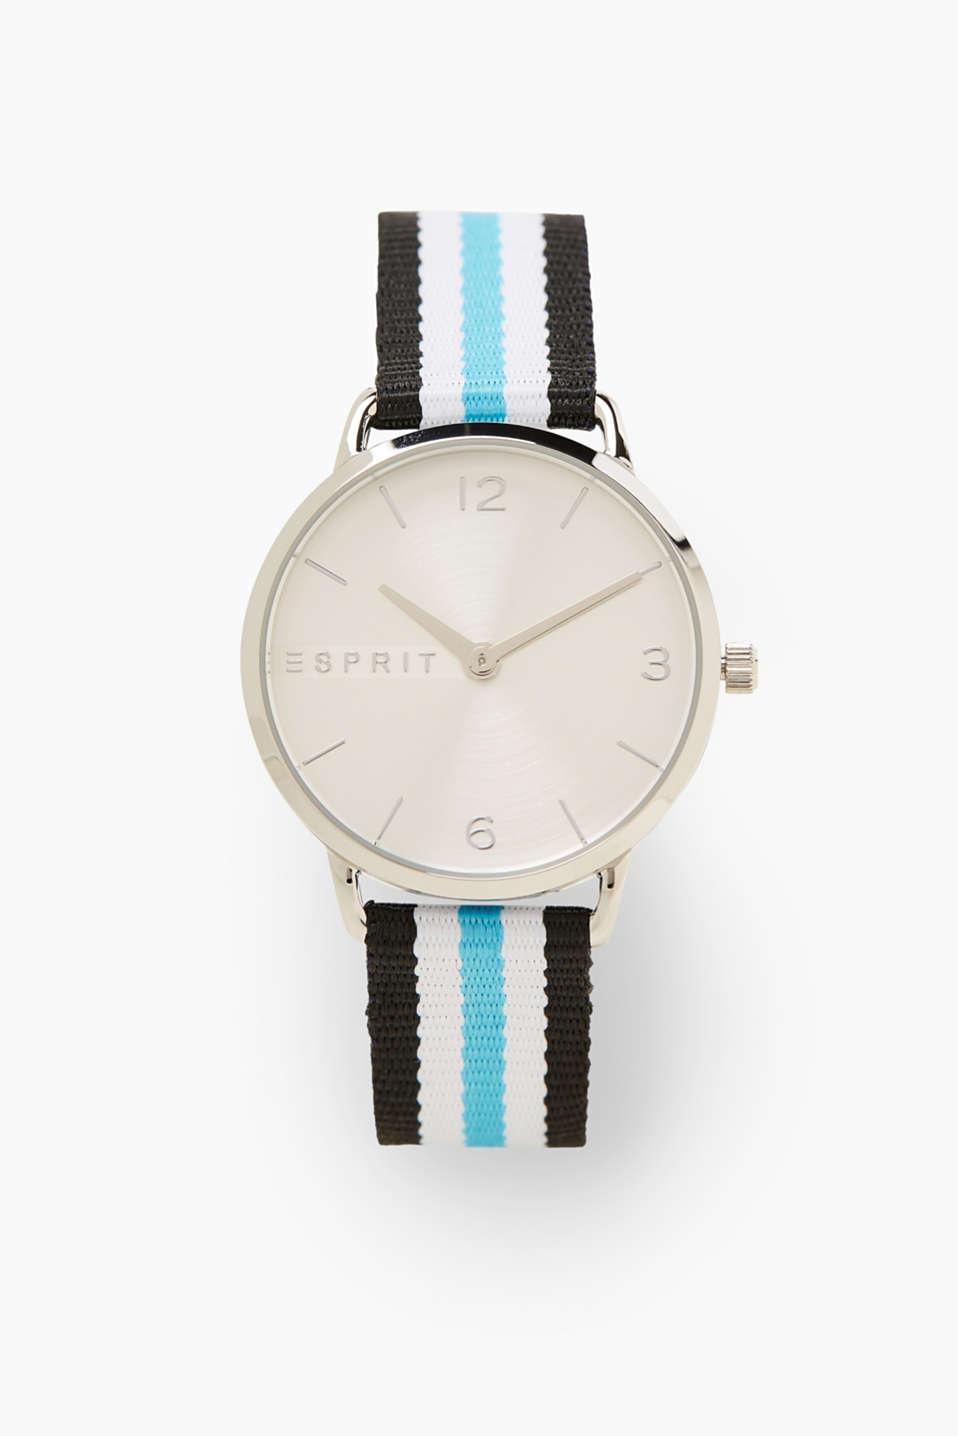 esprit leichte edelstahluhr mit streifen armband im. Black Bedroom Furniture Sets. Home Design Ideas